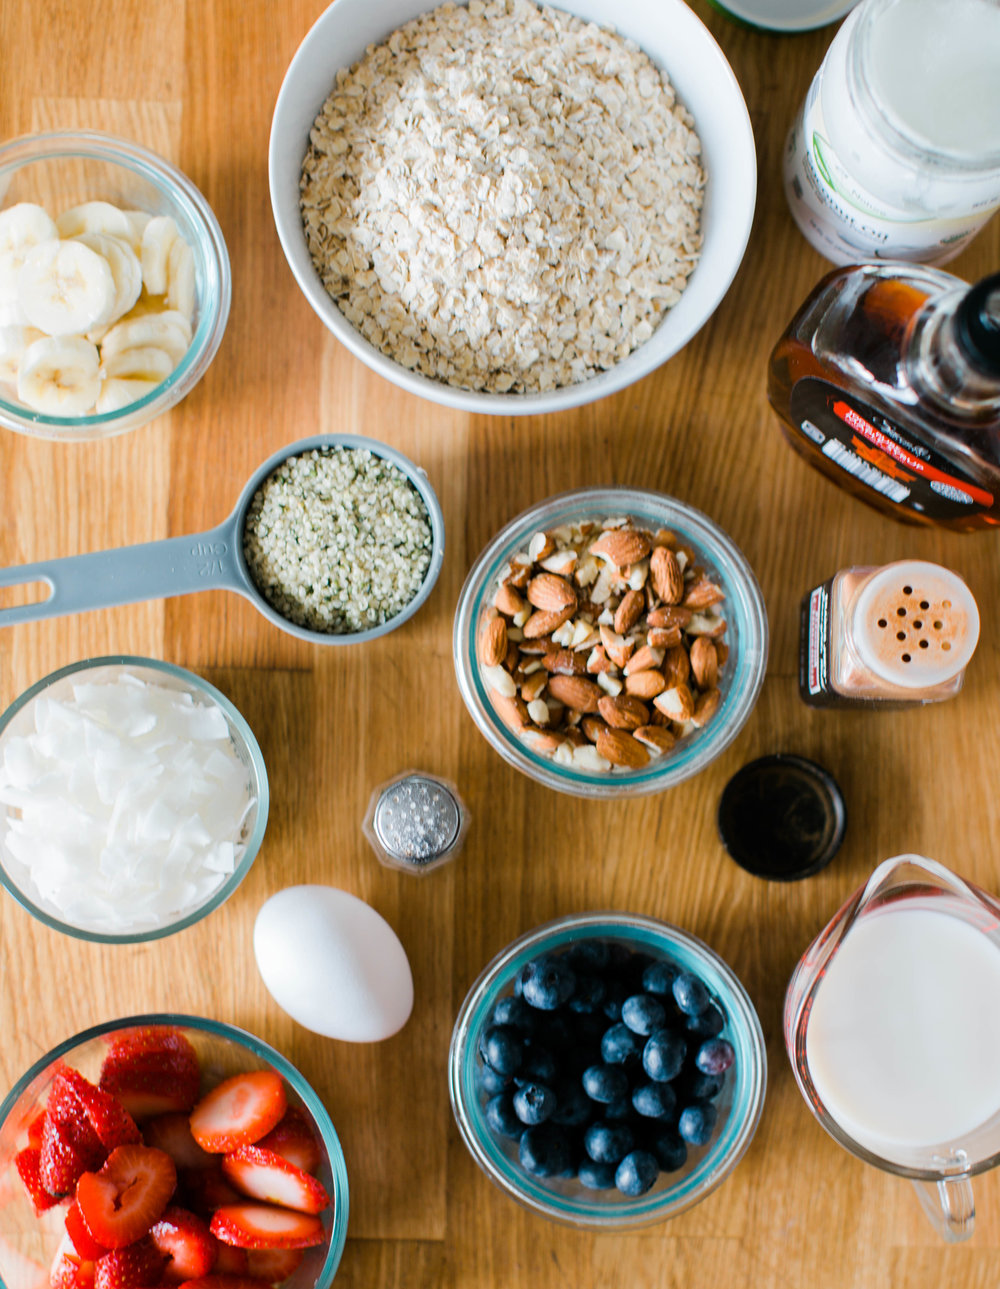 jennahazelphotoghy-baked-oatmeal-5986.jpg